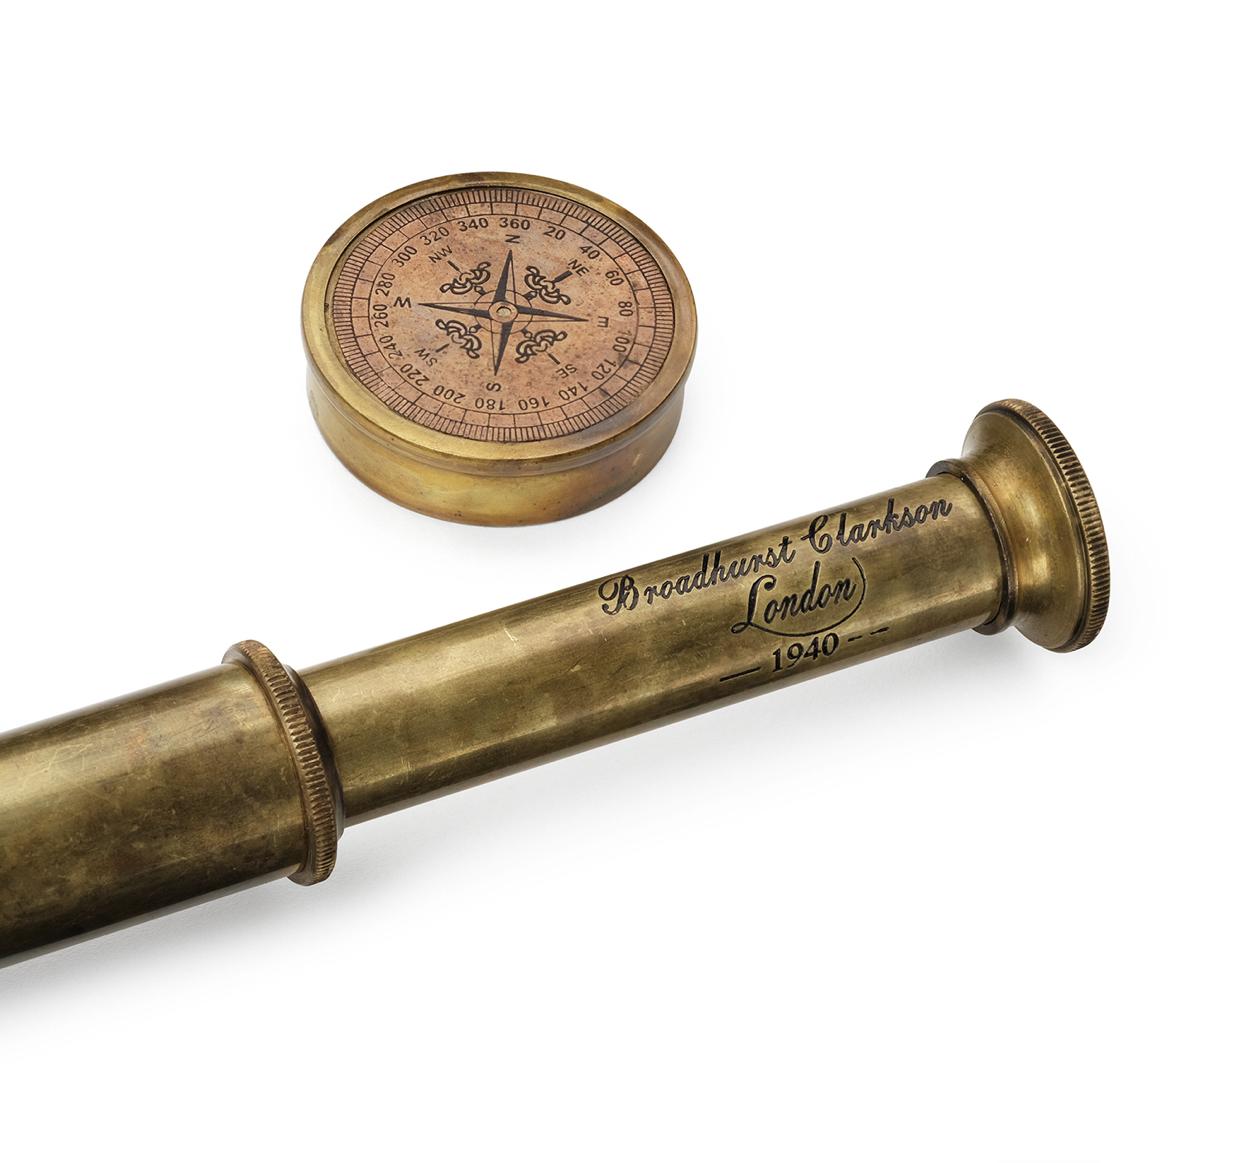 Сувенирная подзорная труба Scout London  в кожаном футляре